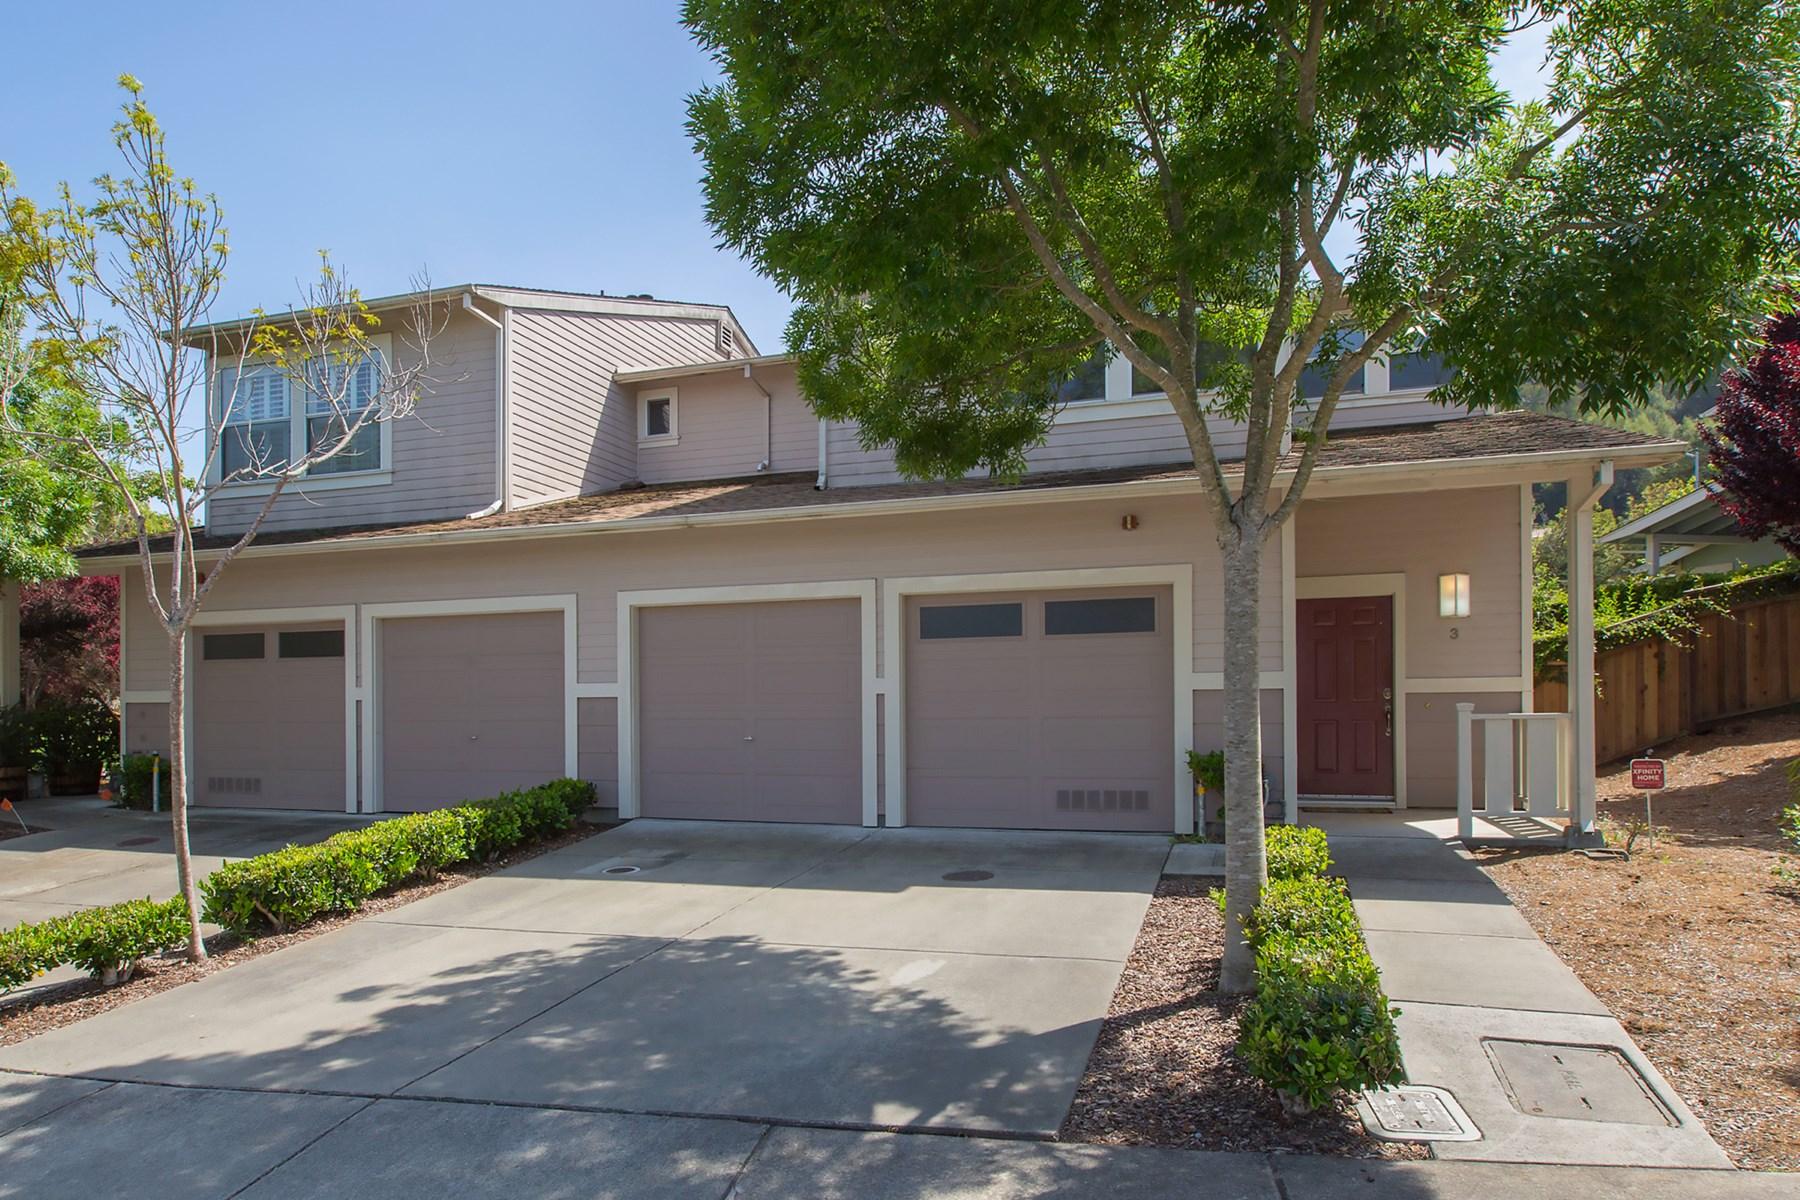 타운하우스 용 매매 에 3 Terrace Dr, Sausalito Sausalito, 캘리포니아, 94965 미국